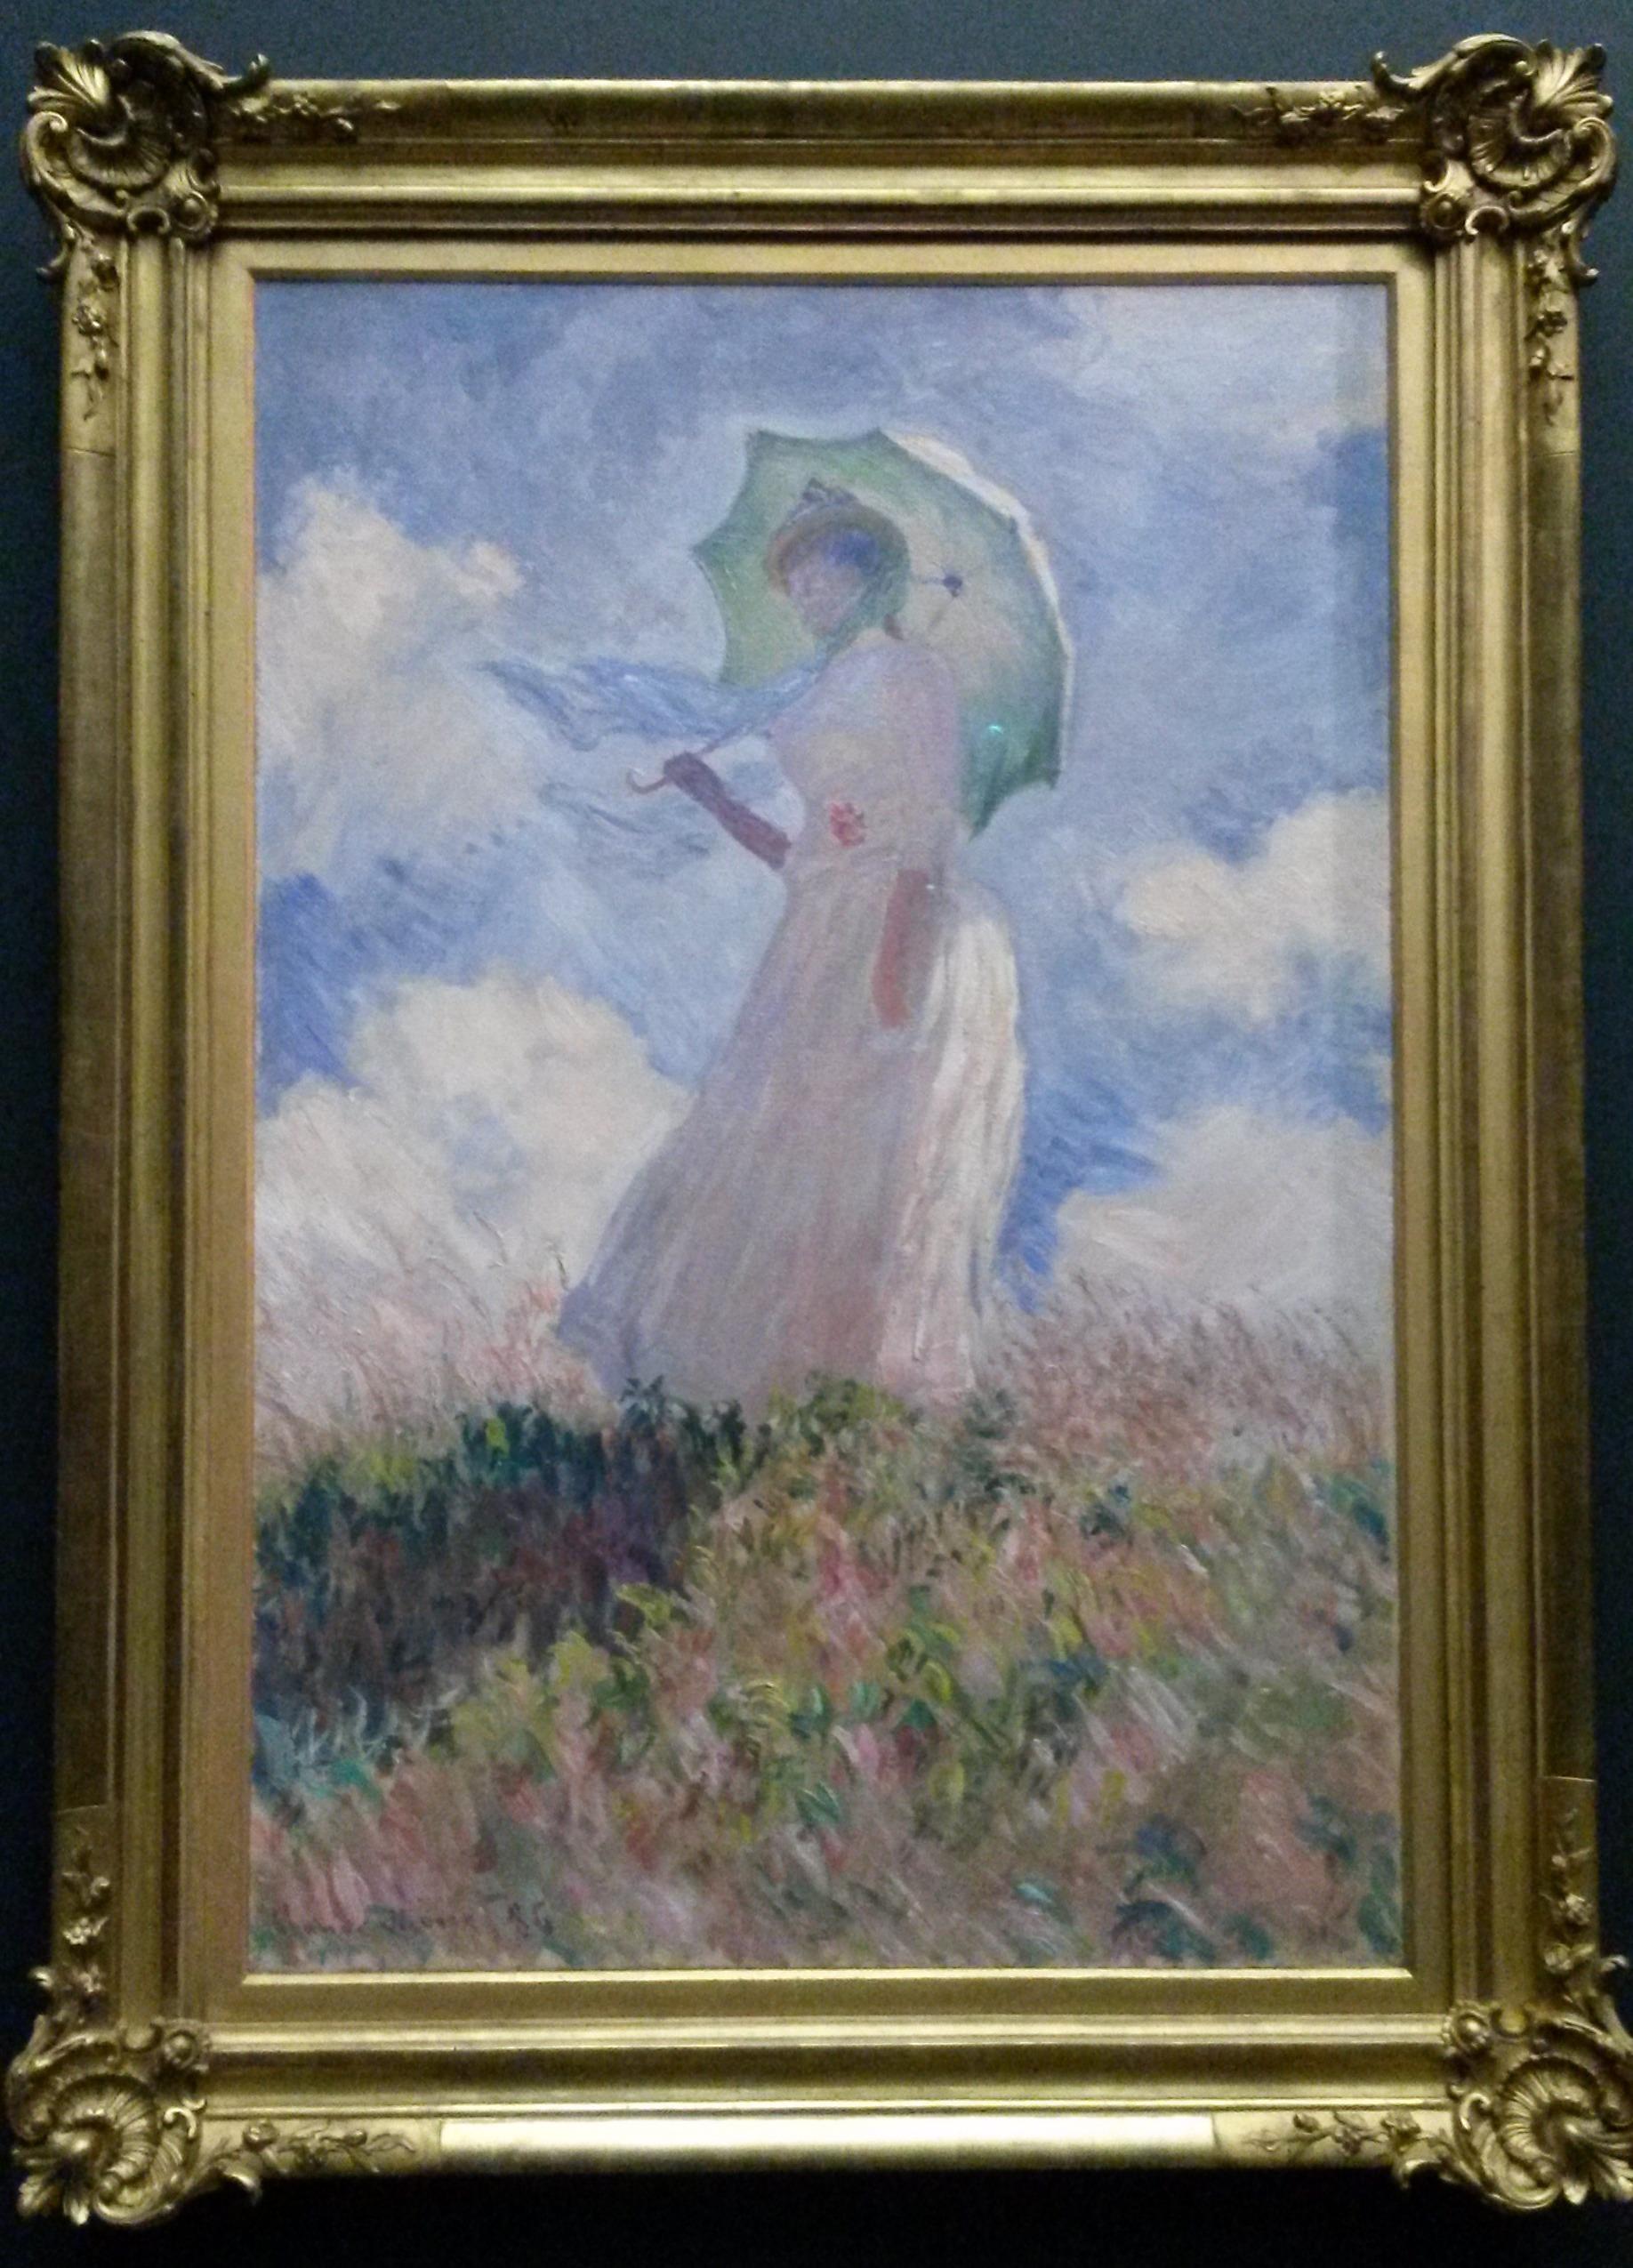 Mujer con sombrilla vuelta hacia la izquierda